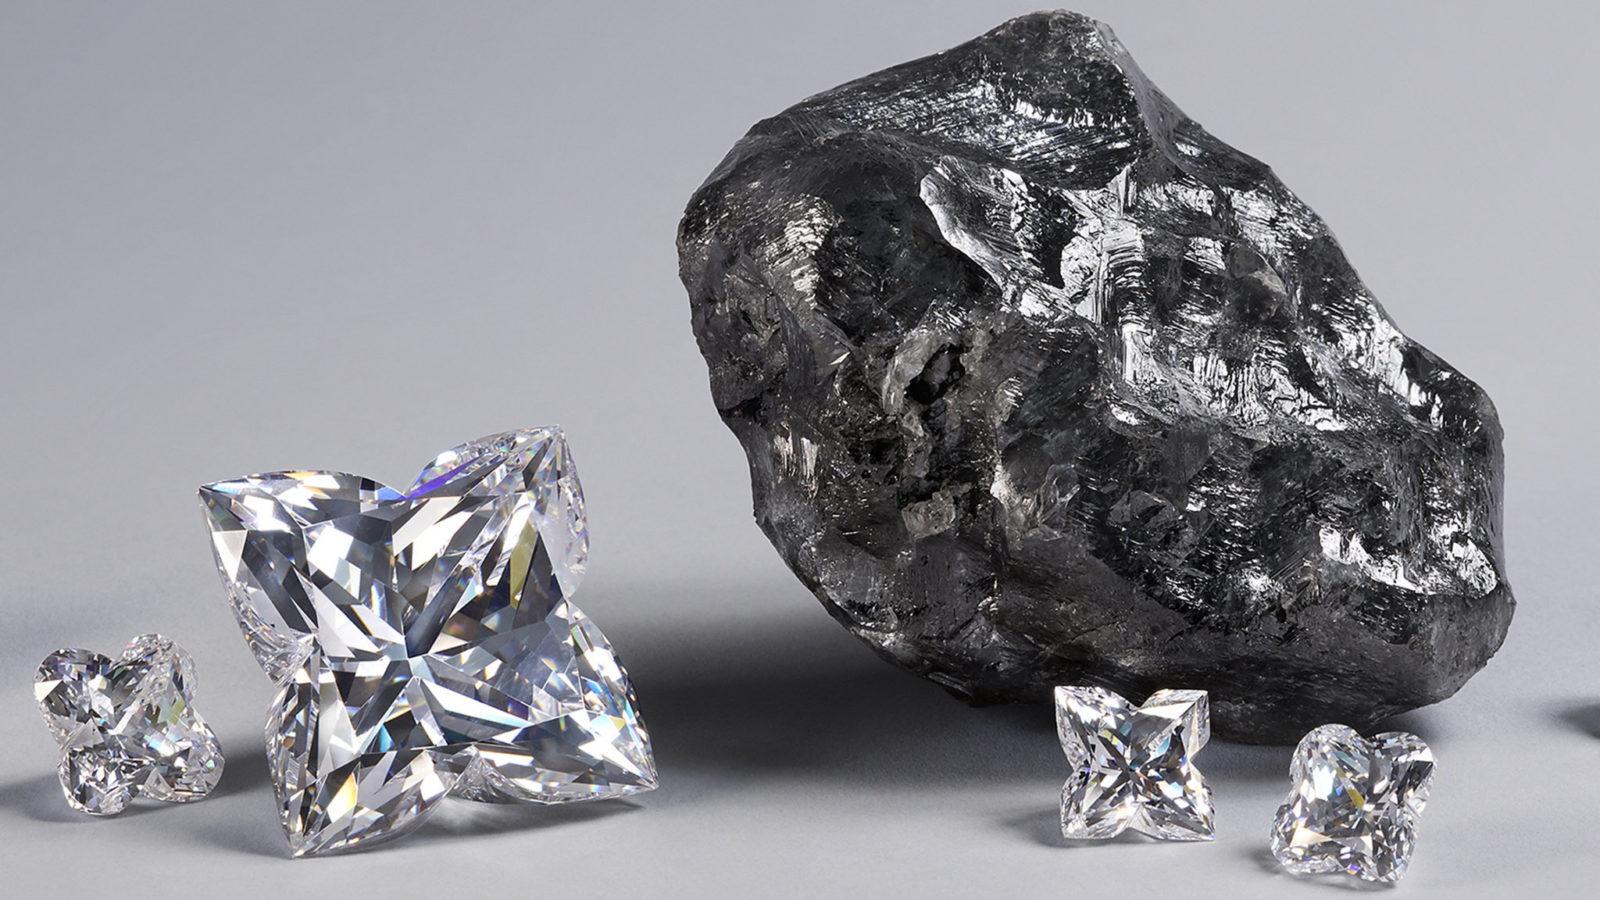 Le Sewelo Diamand de Louis Vuitton - Le 2ème plus gros diamant brut au monde